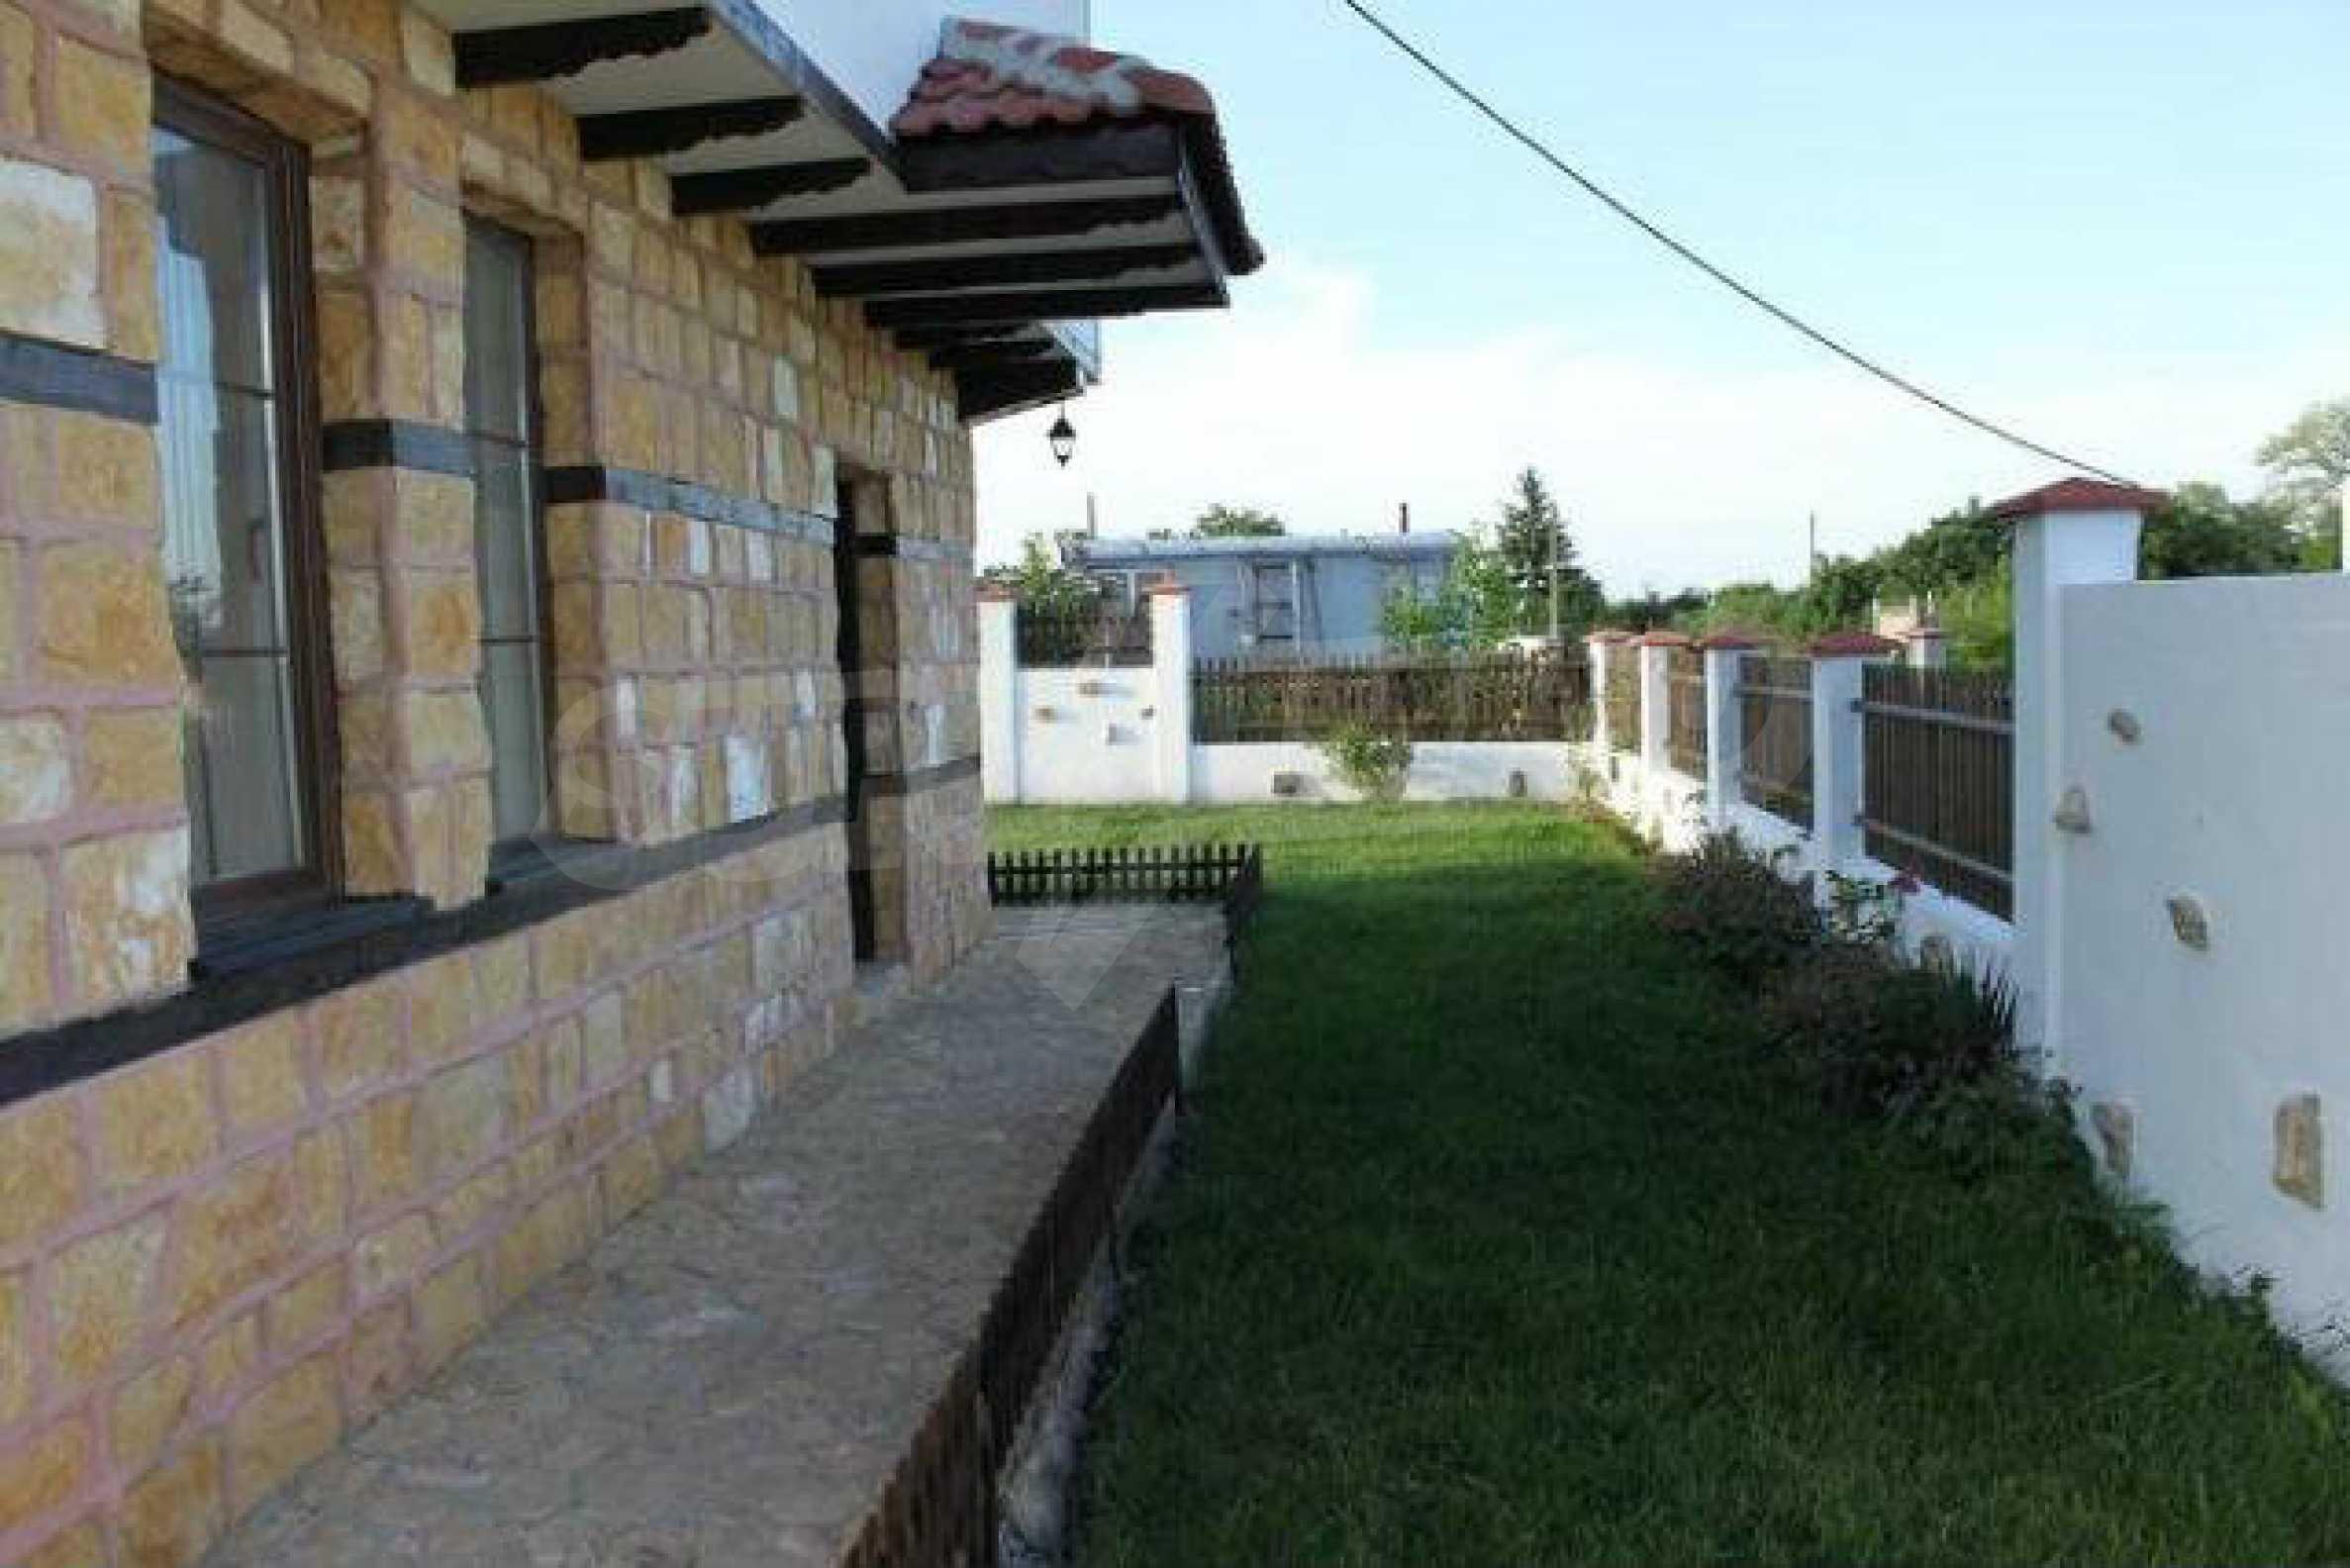 Neues zweistöckiges Haus 8 km von Baltschik entfernt 19